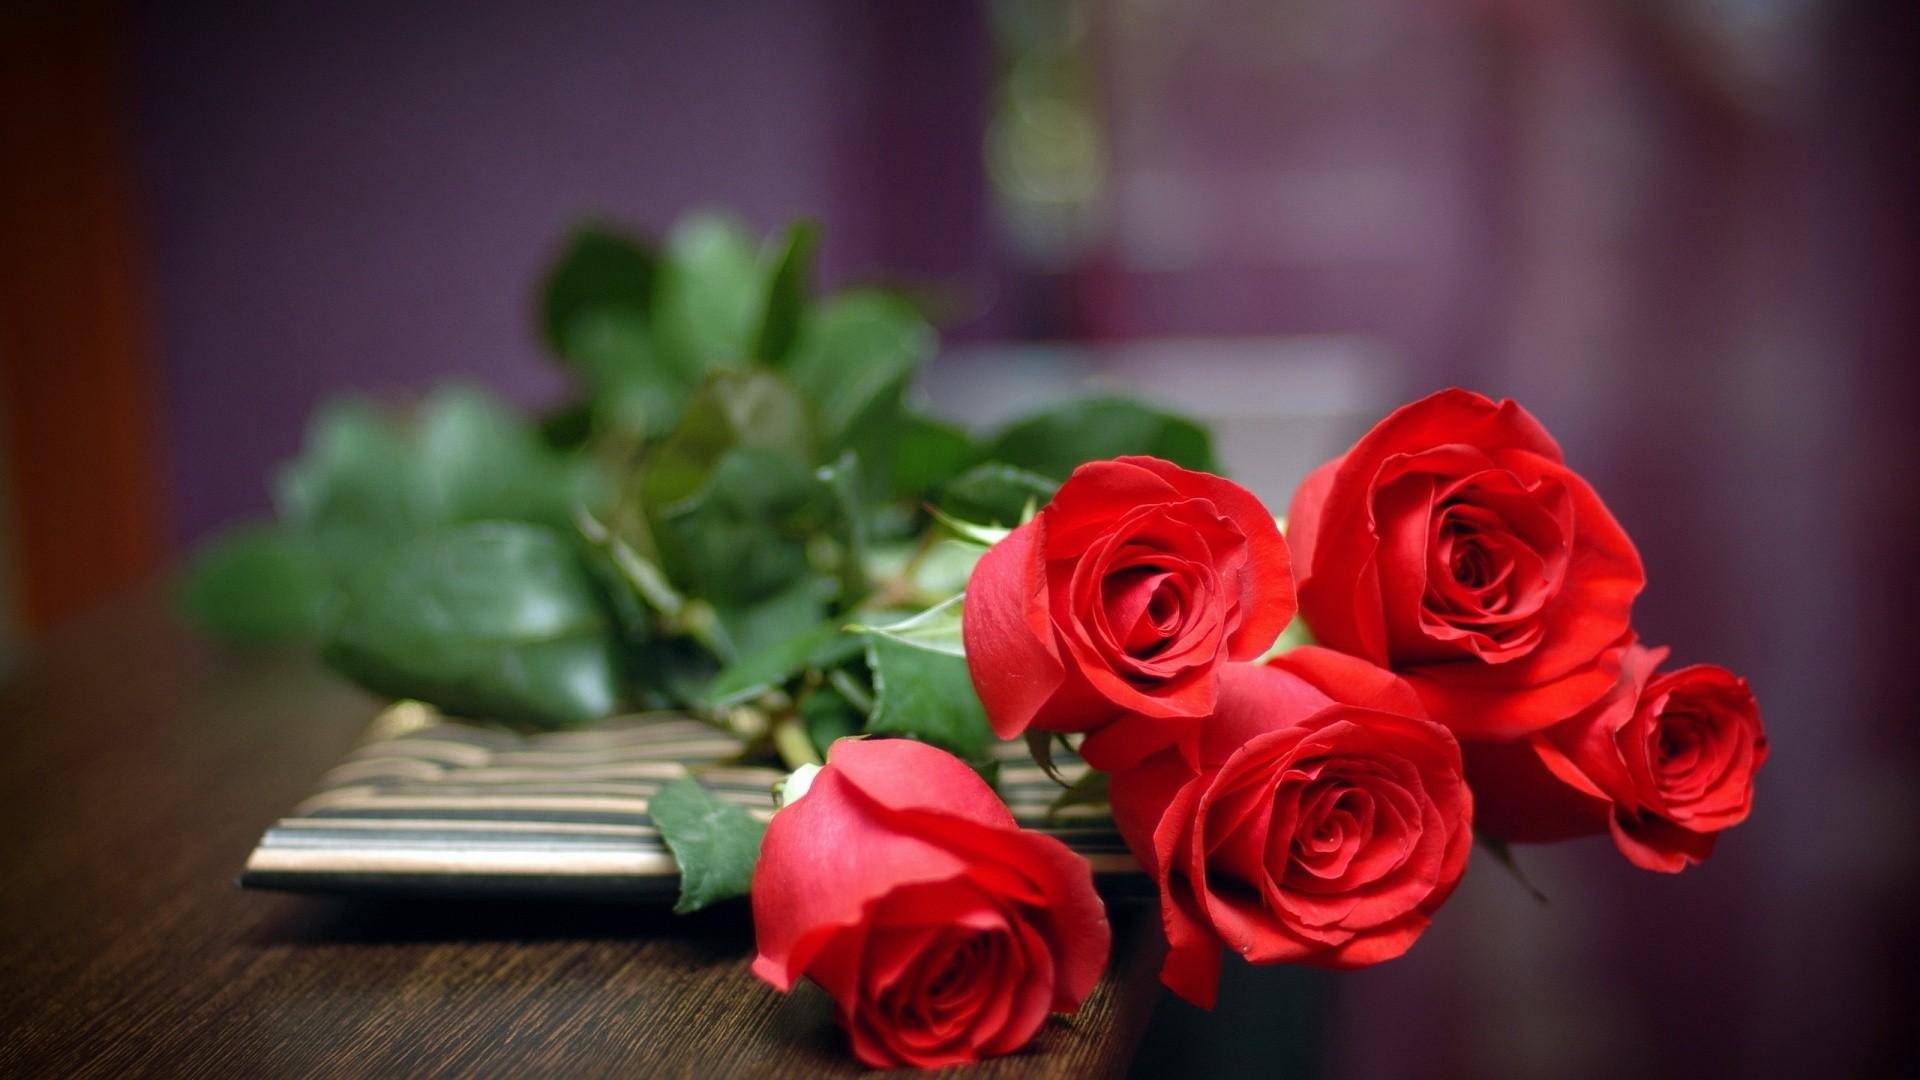 صور تفسير الاحلام الورد الاحمر , مبسوطه علشان حلمتى بورد تعرفى تفسيرة اى